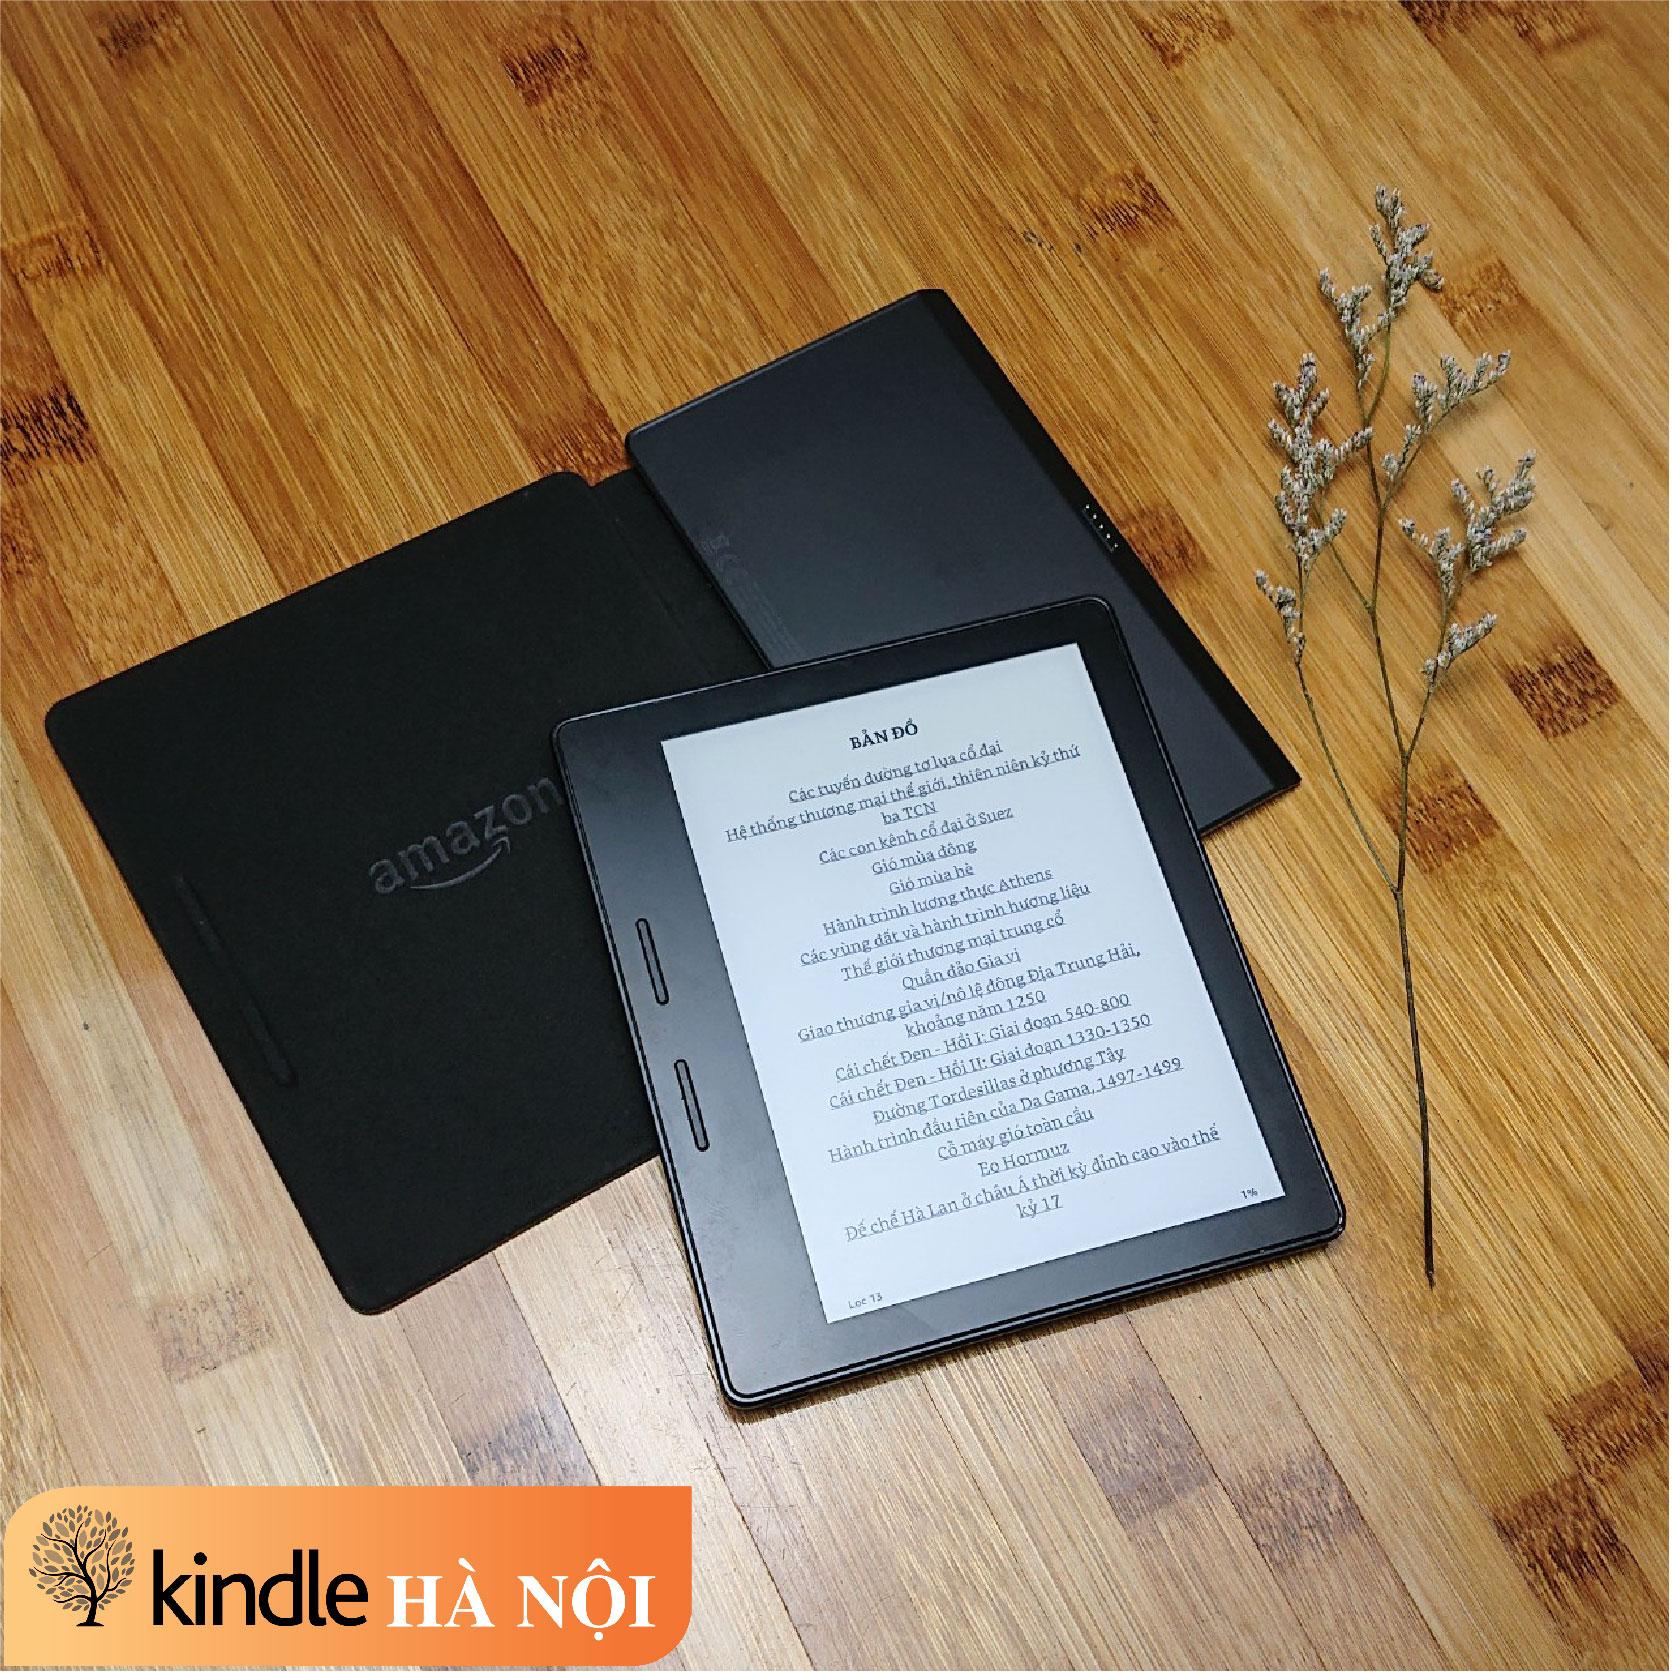 Máy đọc sách Kindle Oasis 1 (8th) O1 kèm Charging cover, có phím chuyển trang, nghe Audible, màn 6inch 300PPI – Used very good